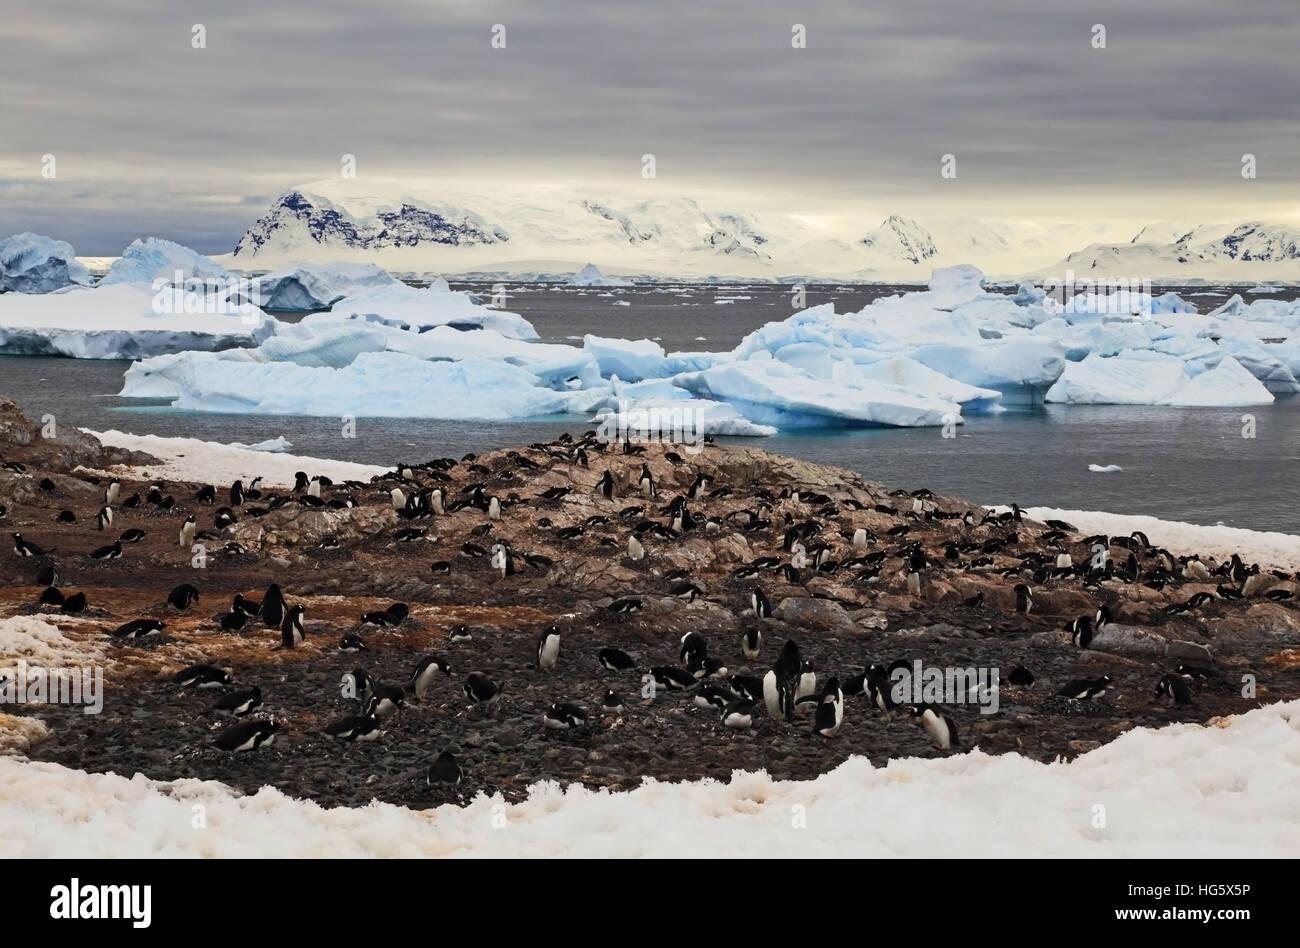 Gentou Penguin Colony 5 - Stock Image